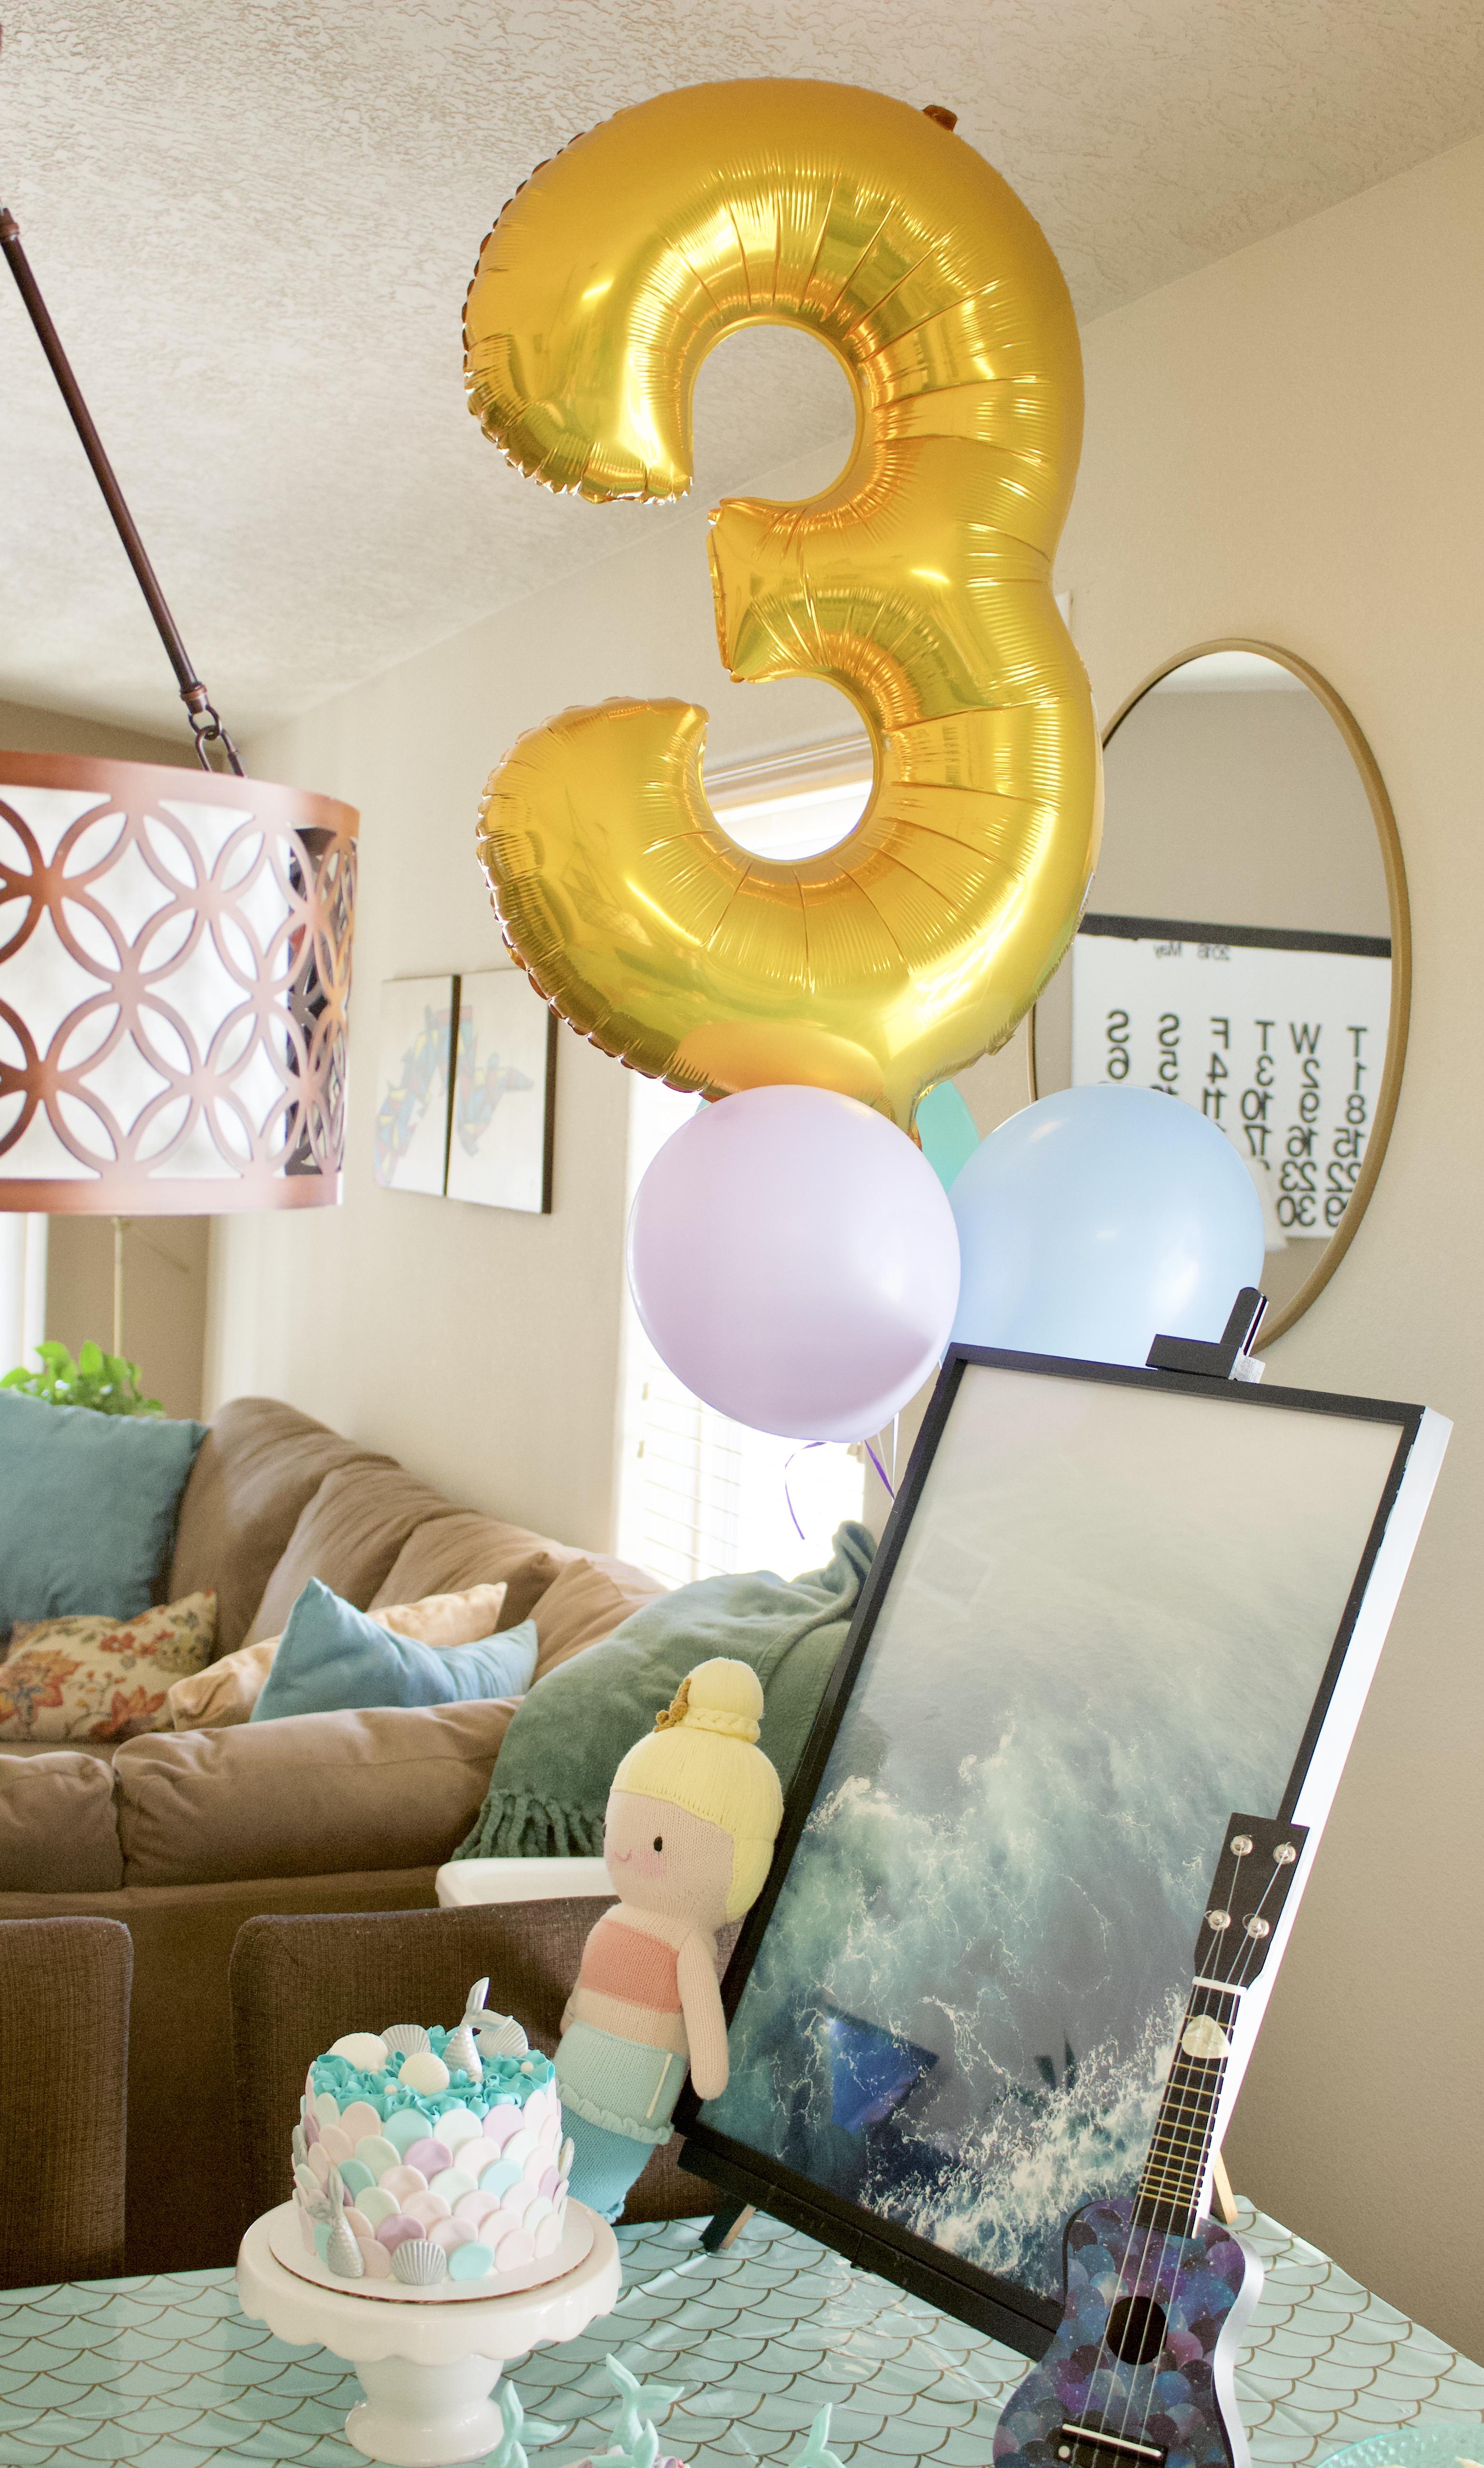 3rd birthday mermaid party #3rdbirthday #birthday #kidsbirthday #toddlerparty